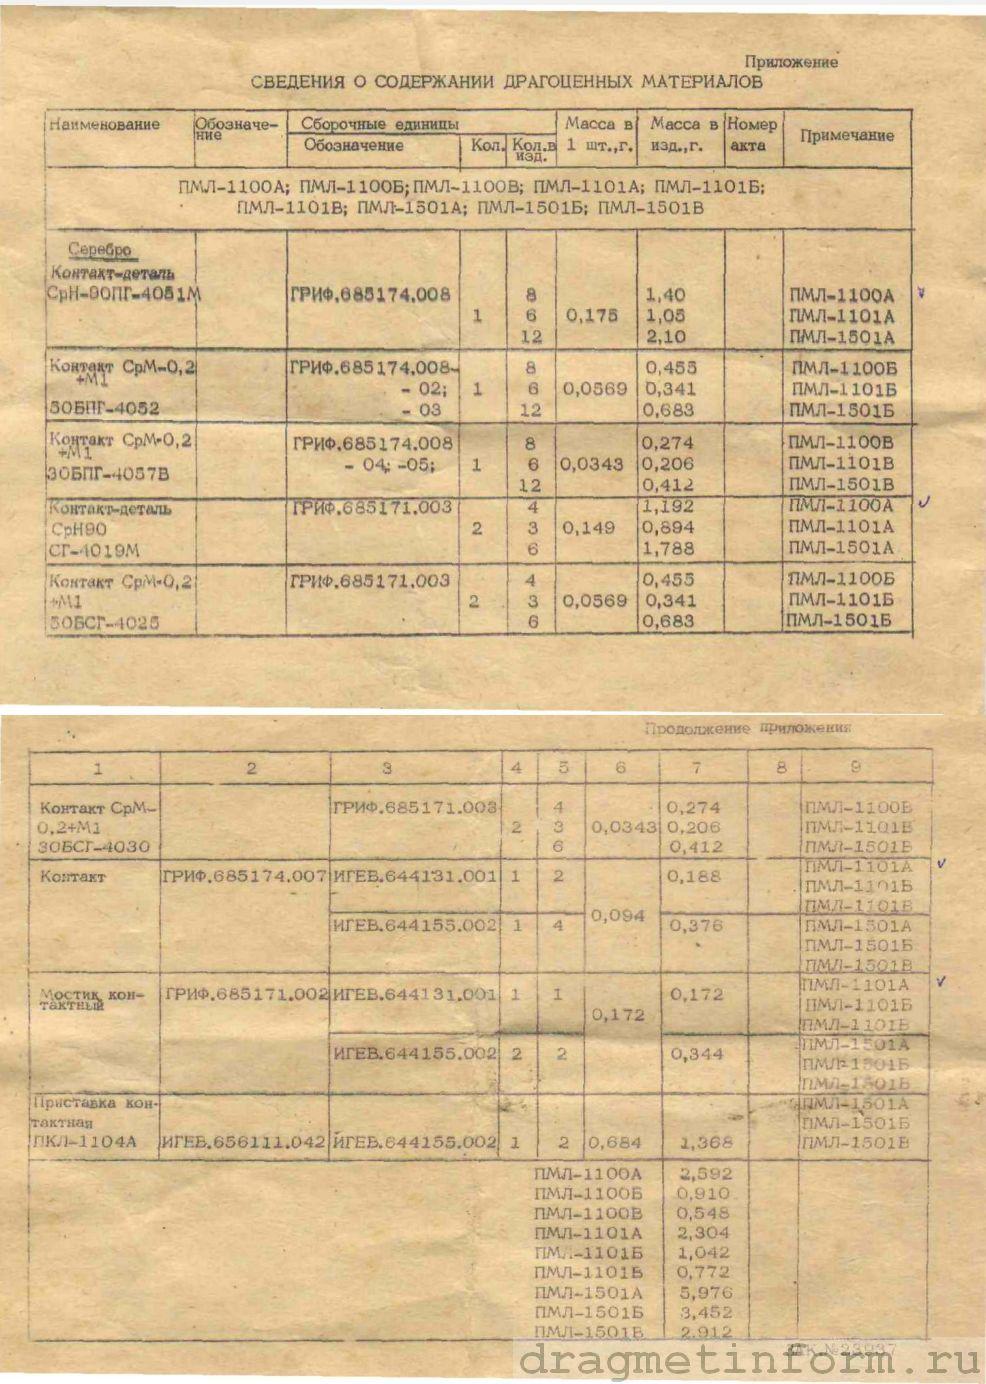 Формуляр ПМЛ-1501А